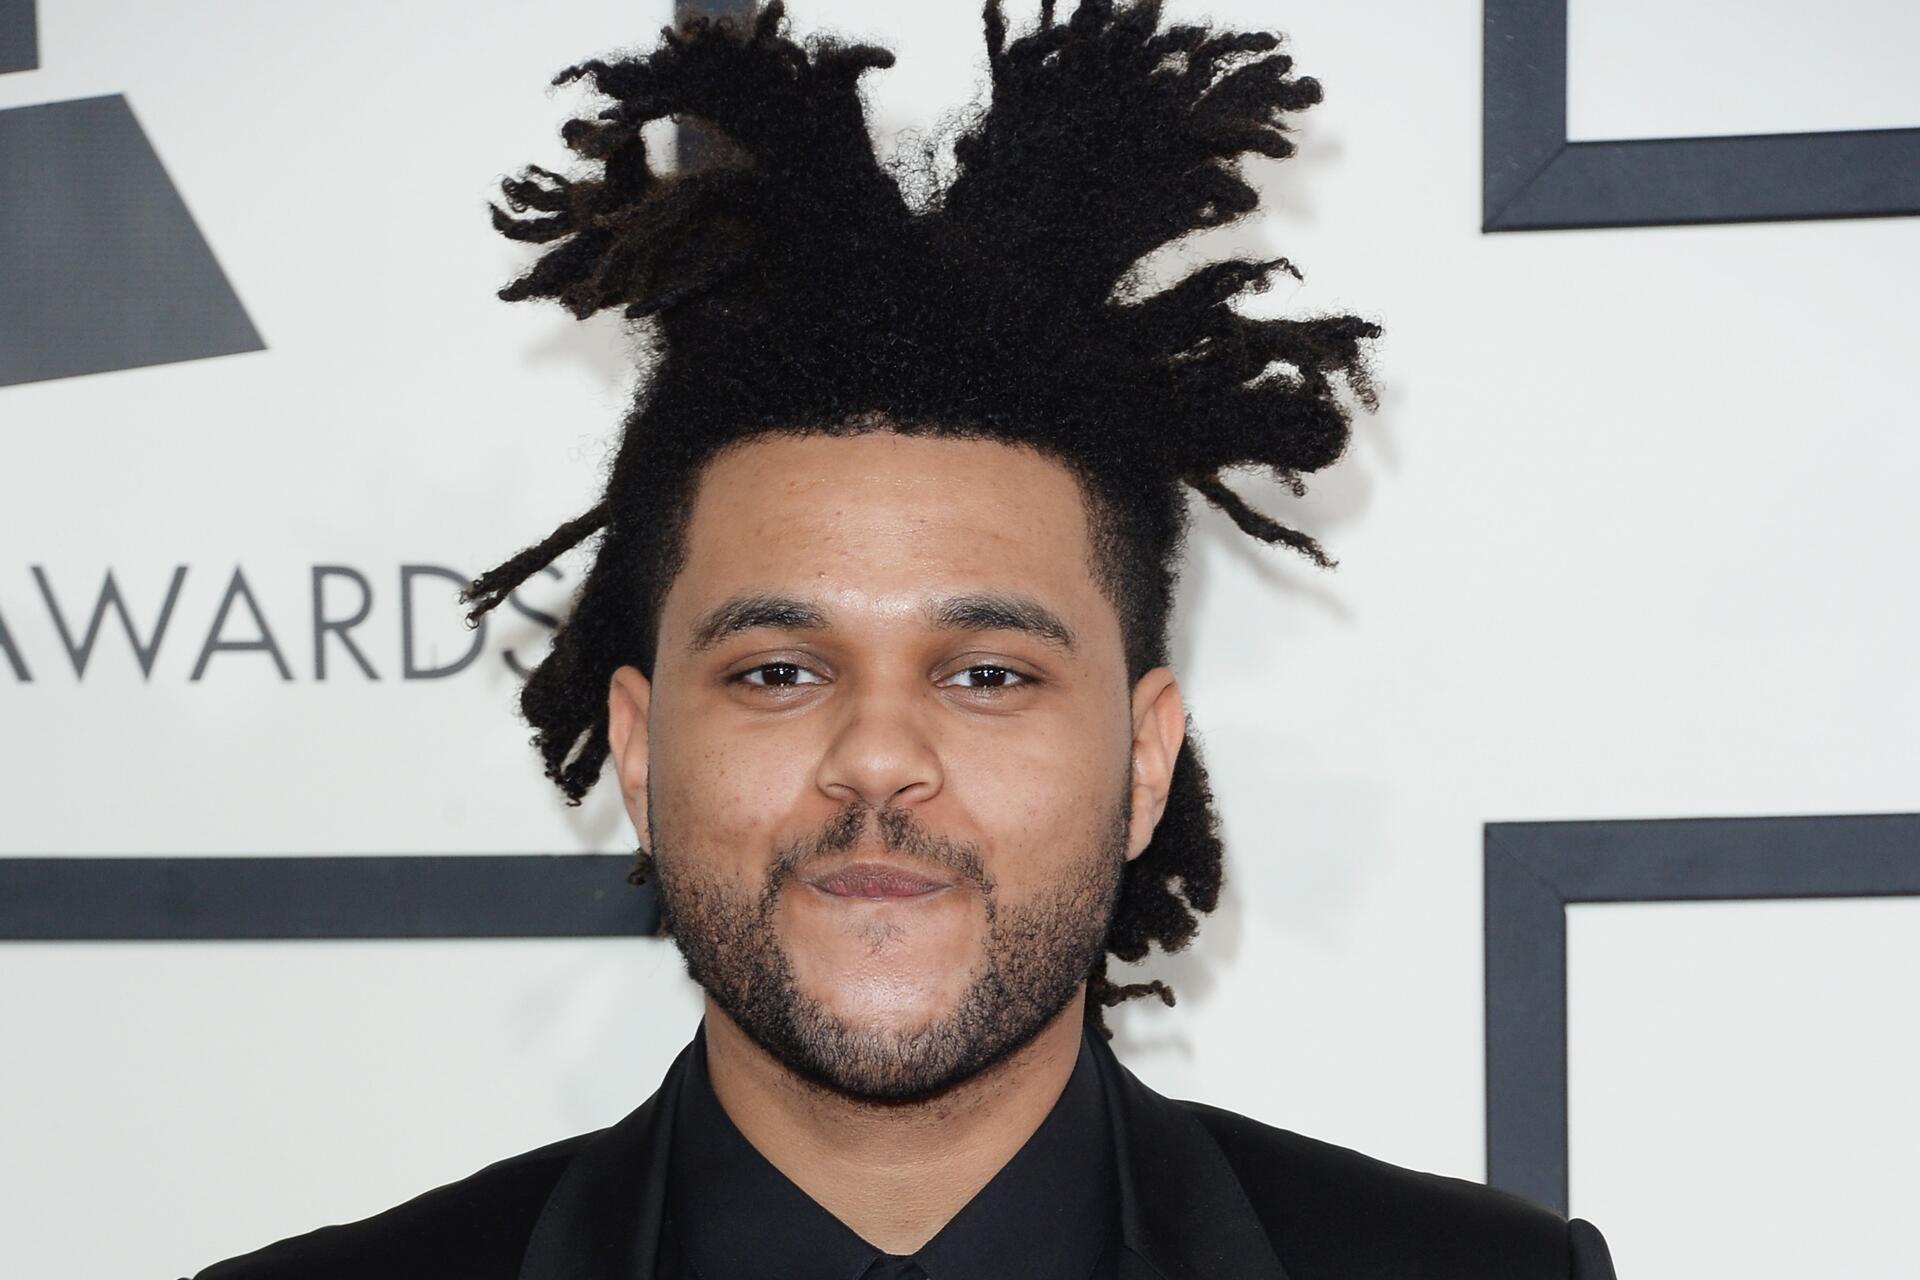 The Weeknd Single Starboy Mit Daft Punk Und Haare Endlich Ab 1 1